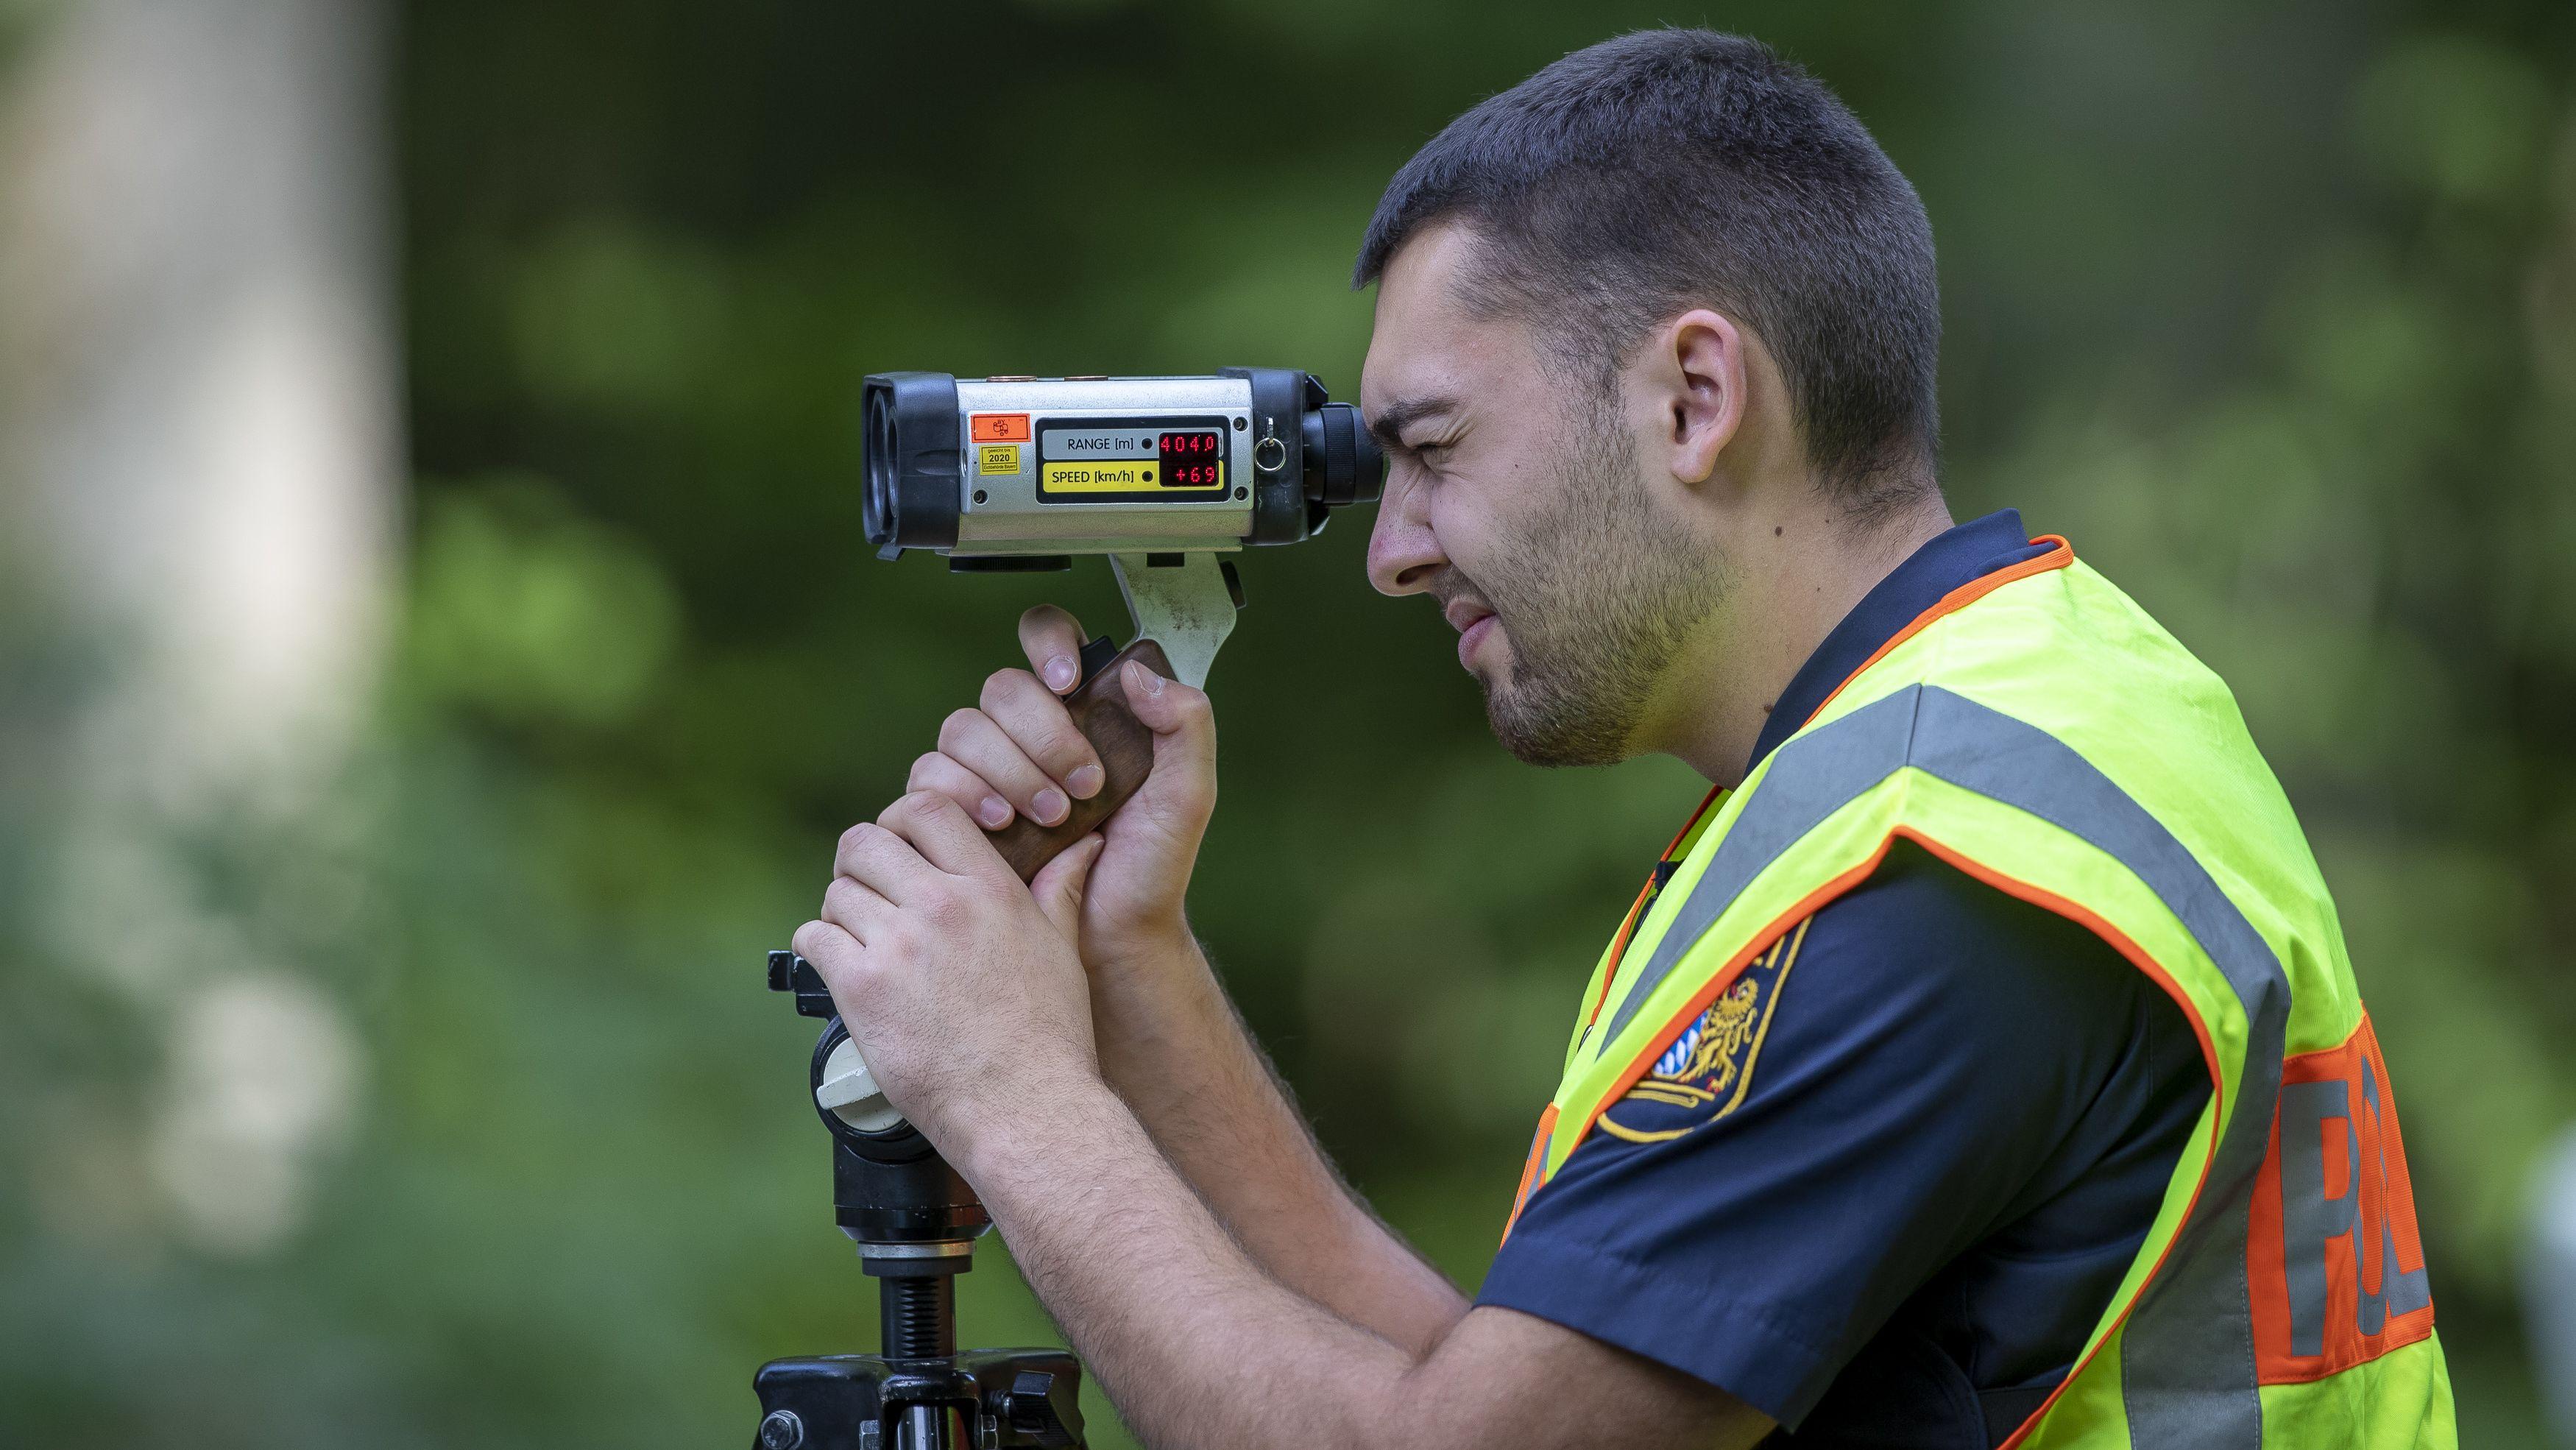 Polizist sieht durch ein Laser-Blitzgerät